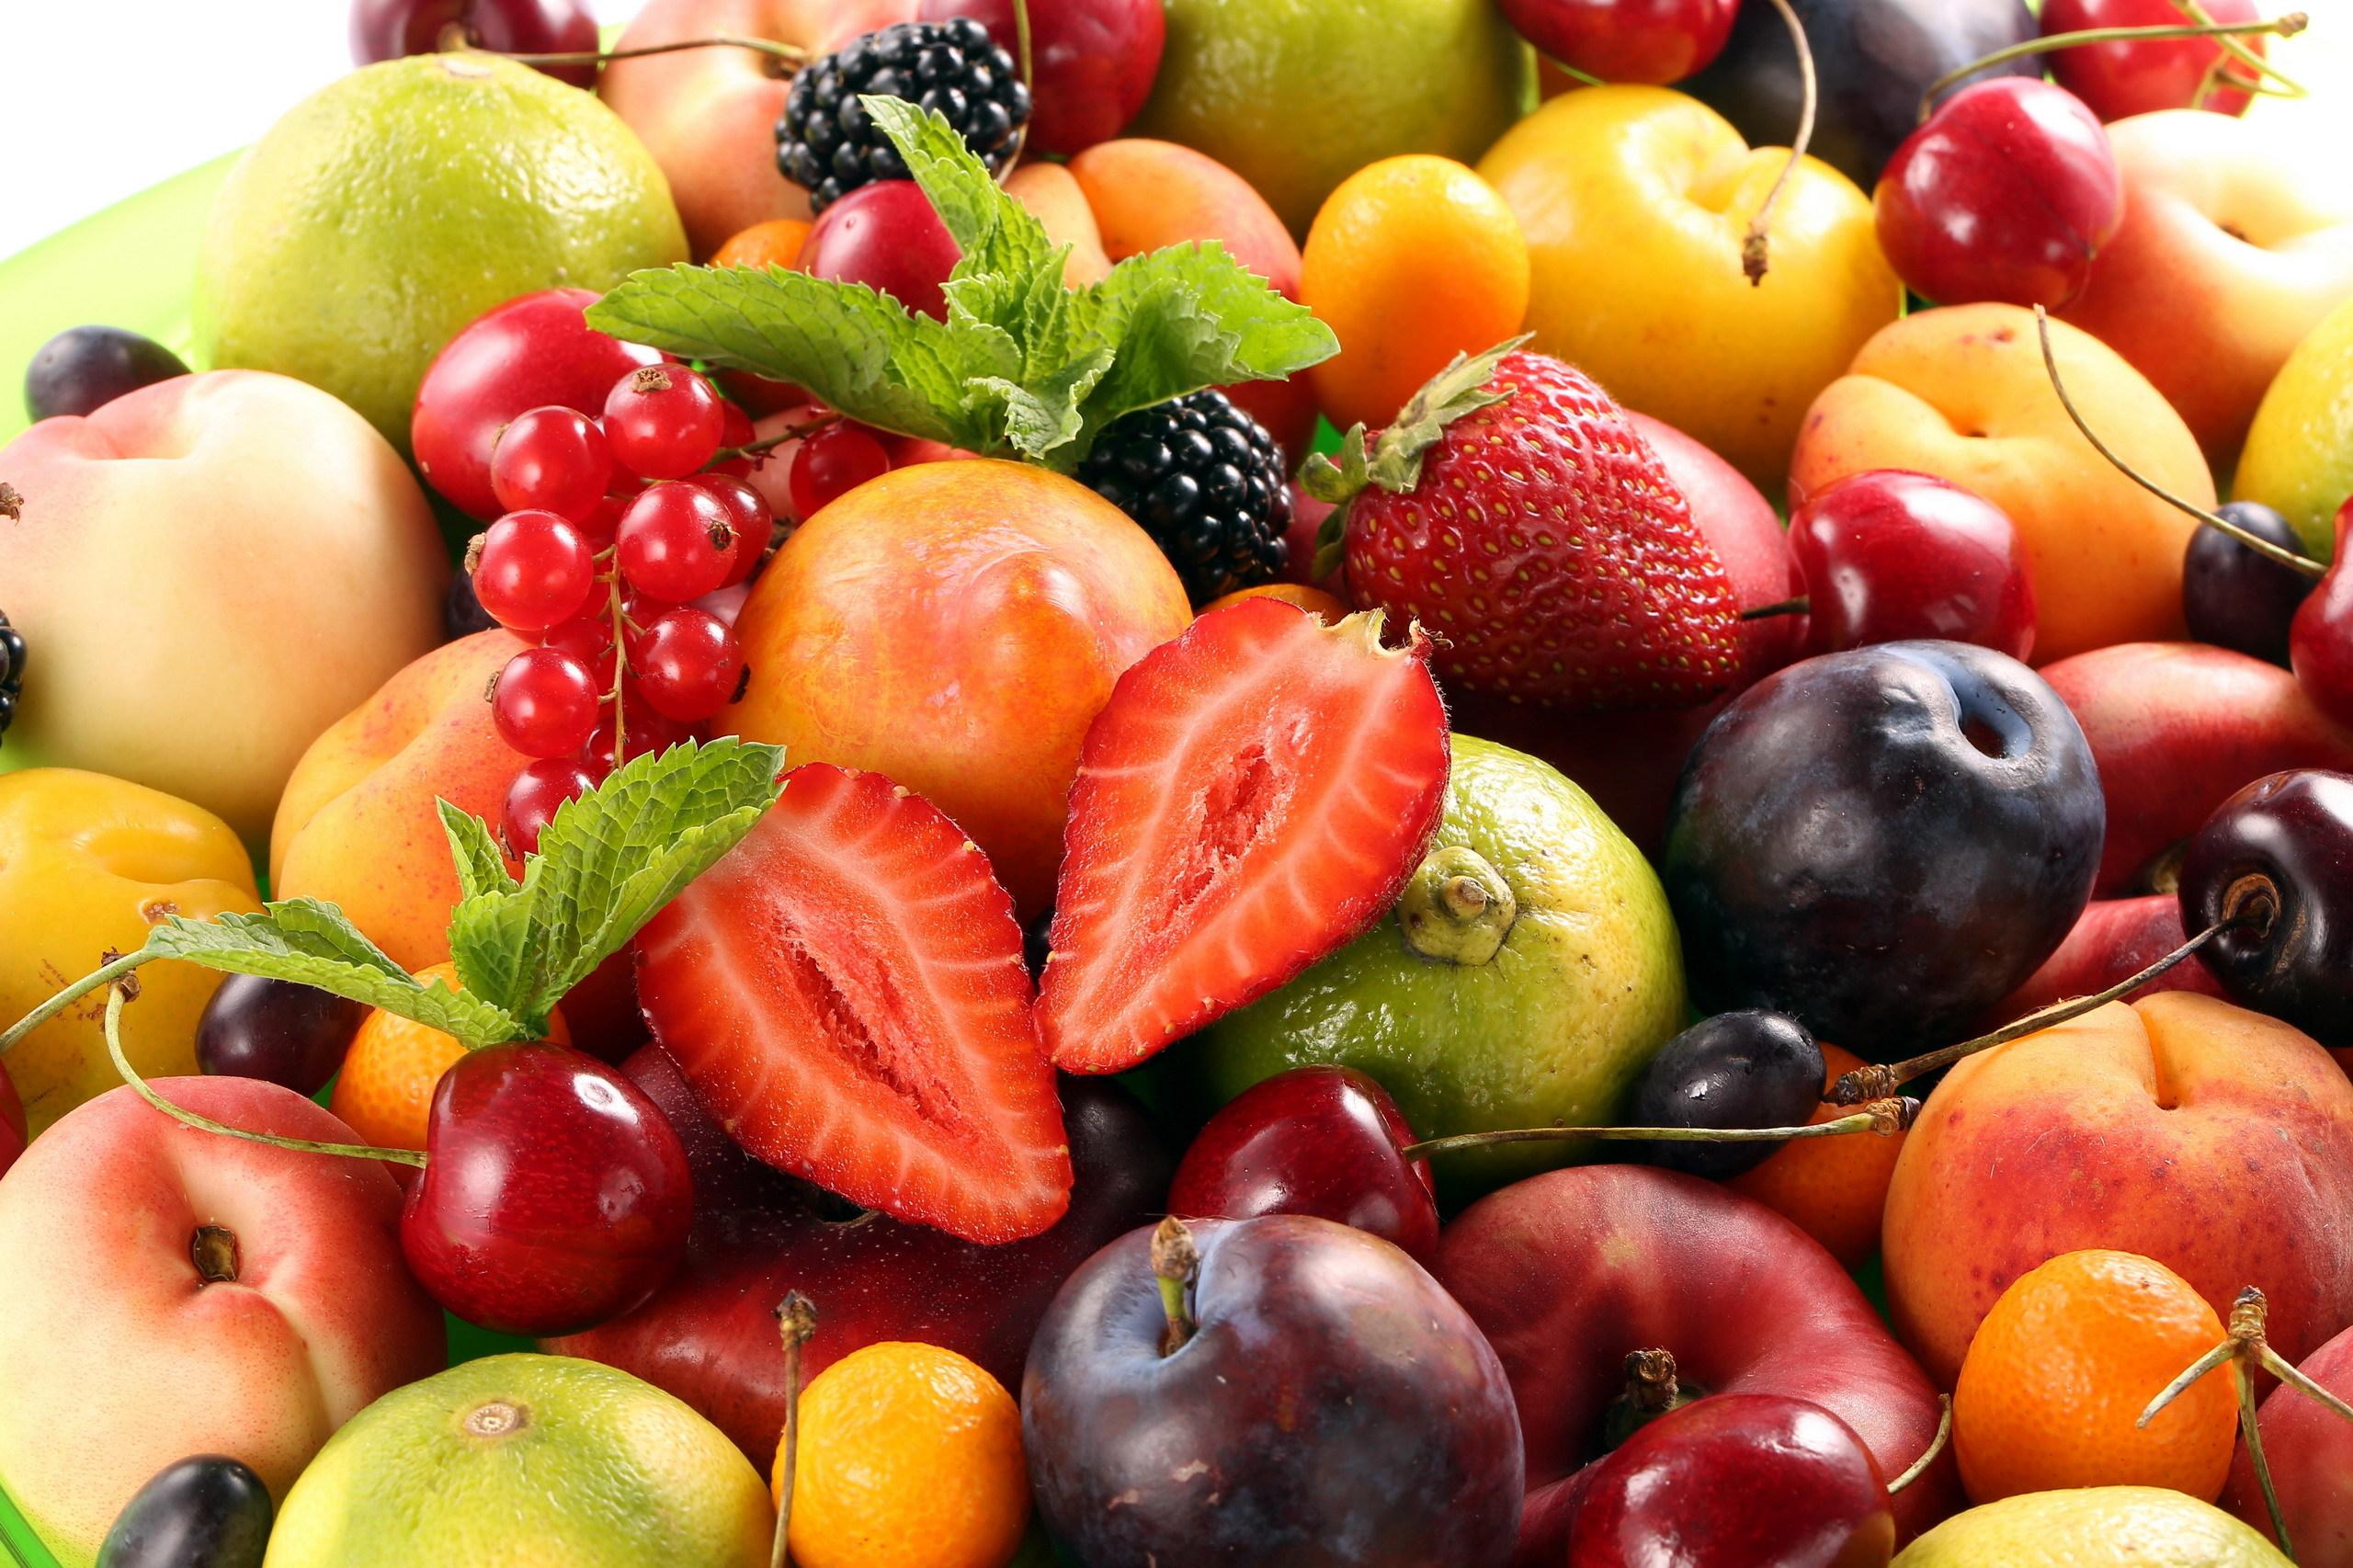 некоторое картинки на фон рабочего стола фрукты всегда много